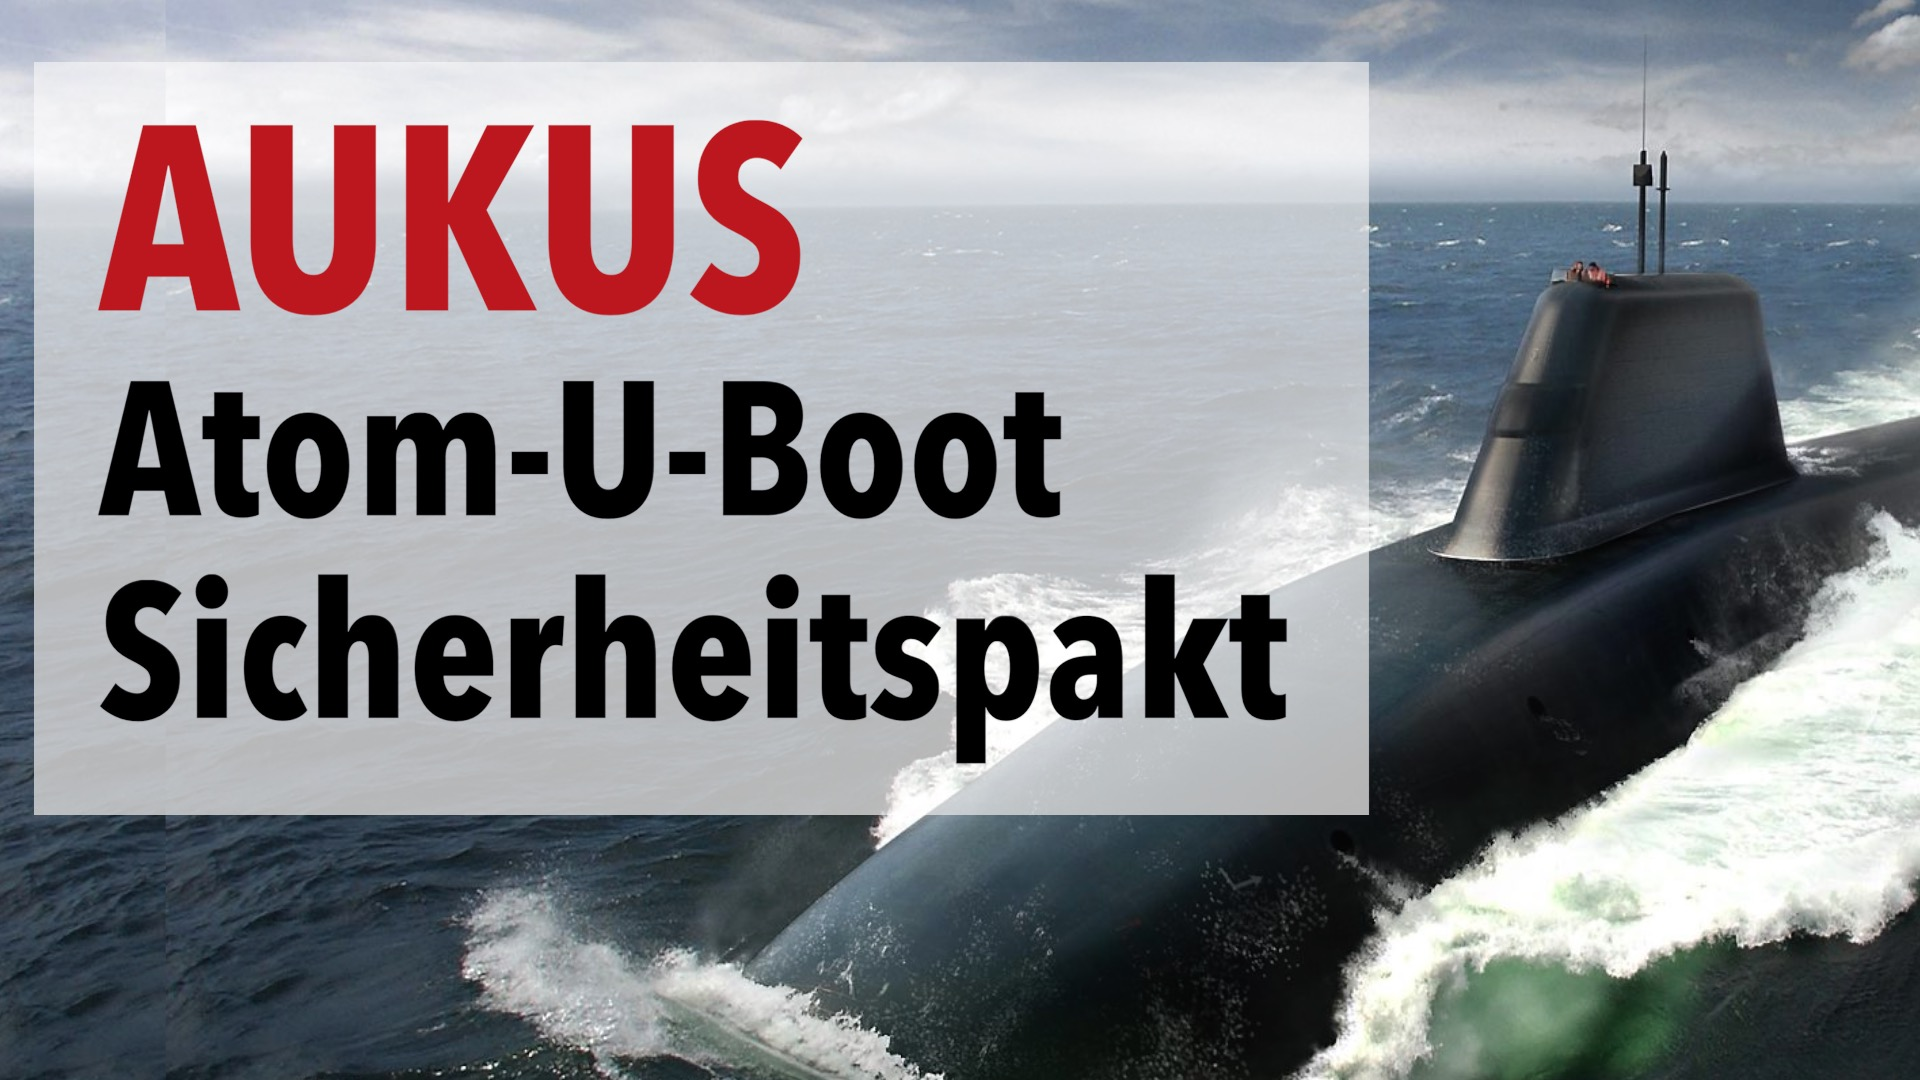 Der nukleare U-Boot-Sicherheitspakt (AUKUS) zwischen den USA, Großbritannien & Australien